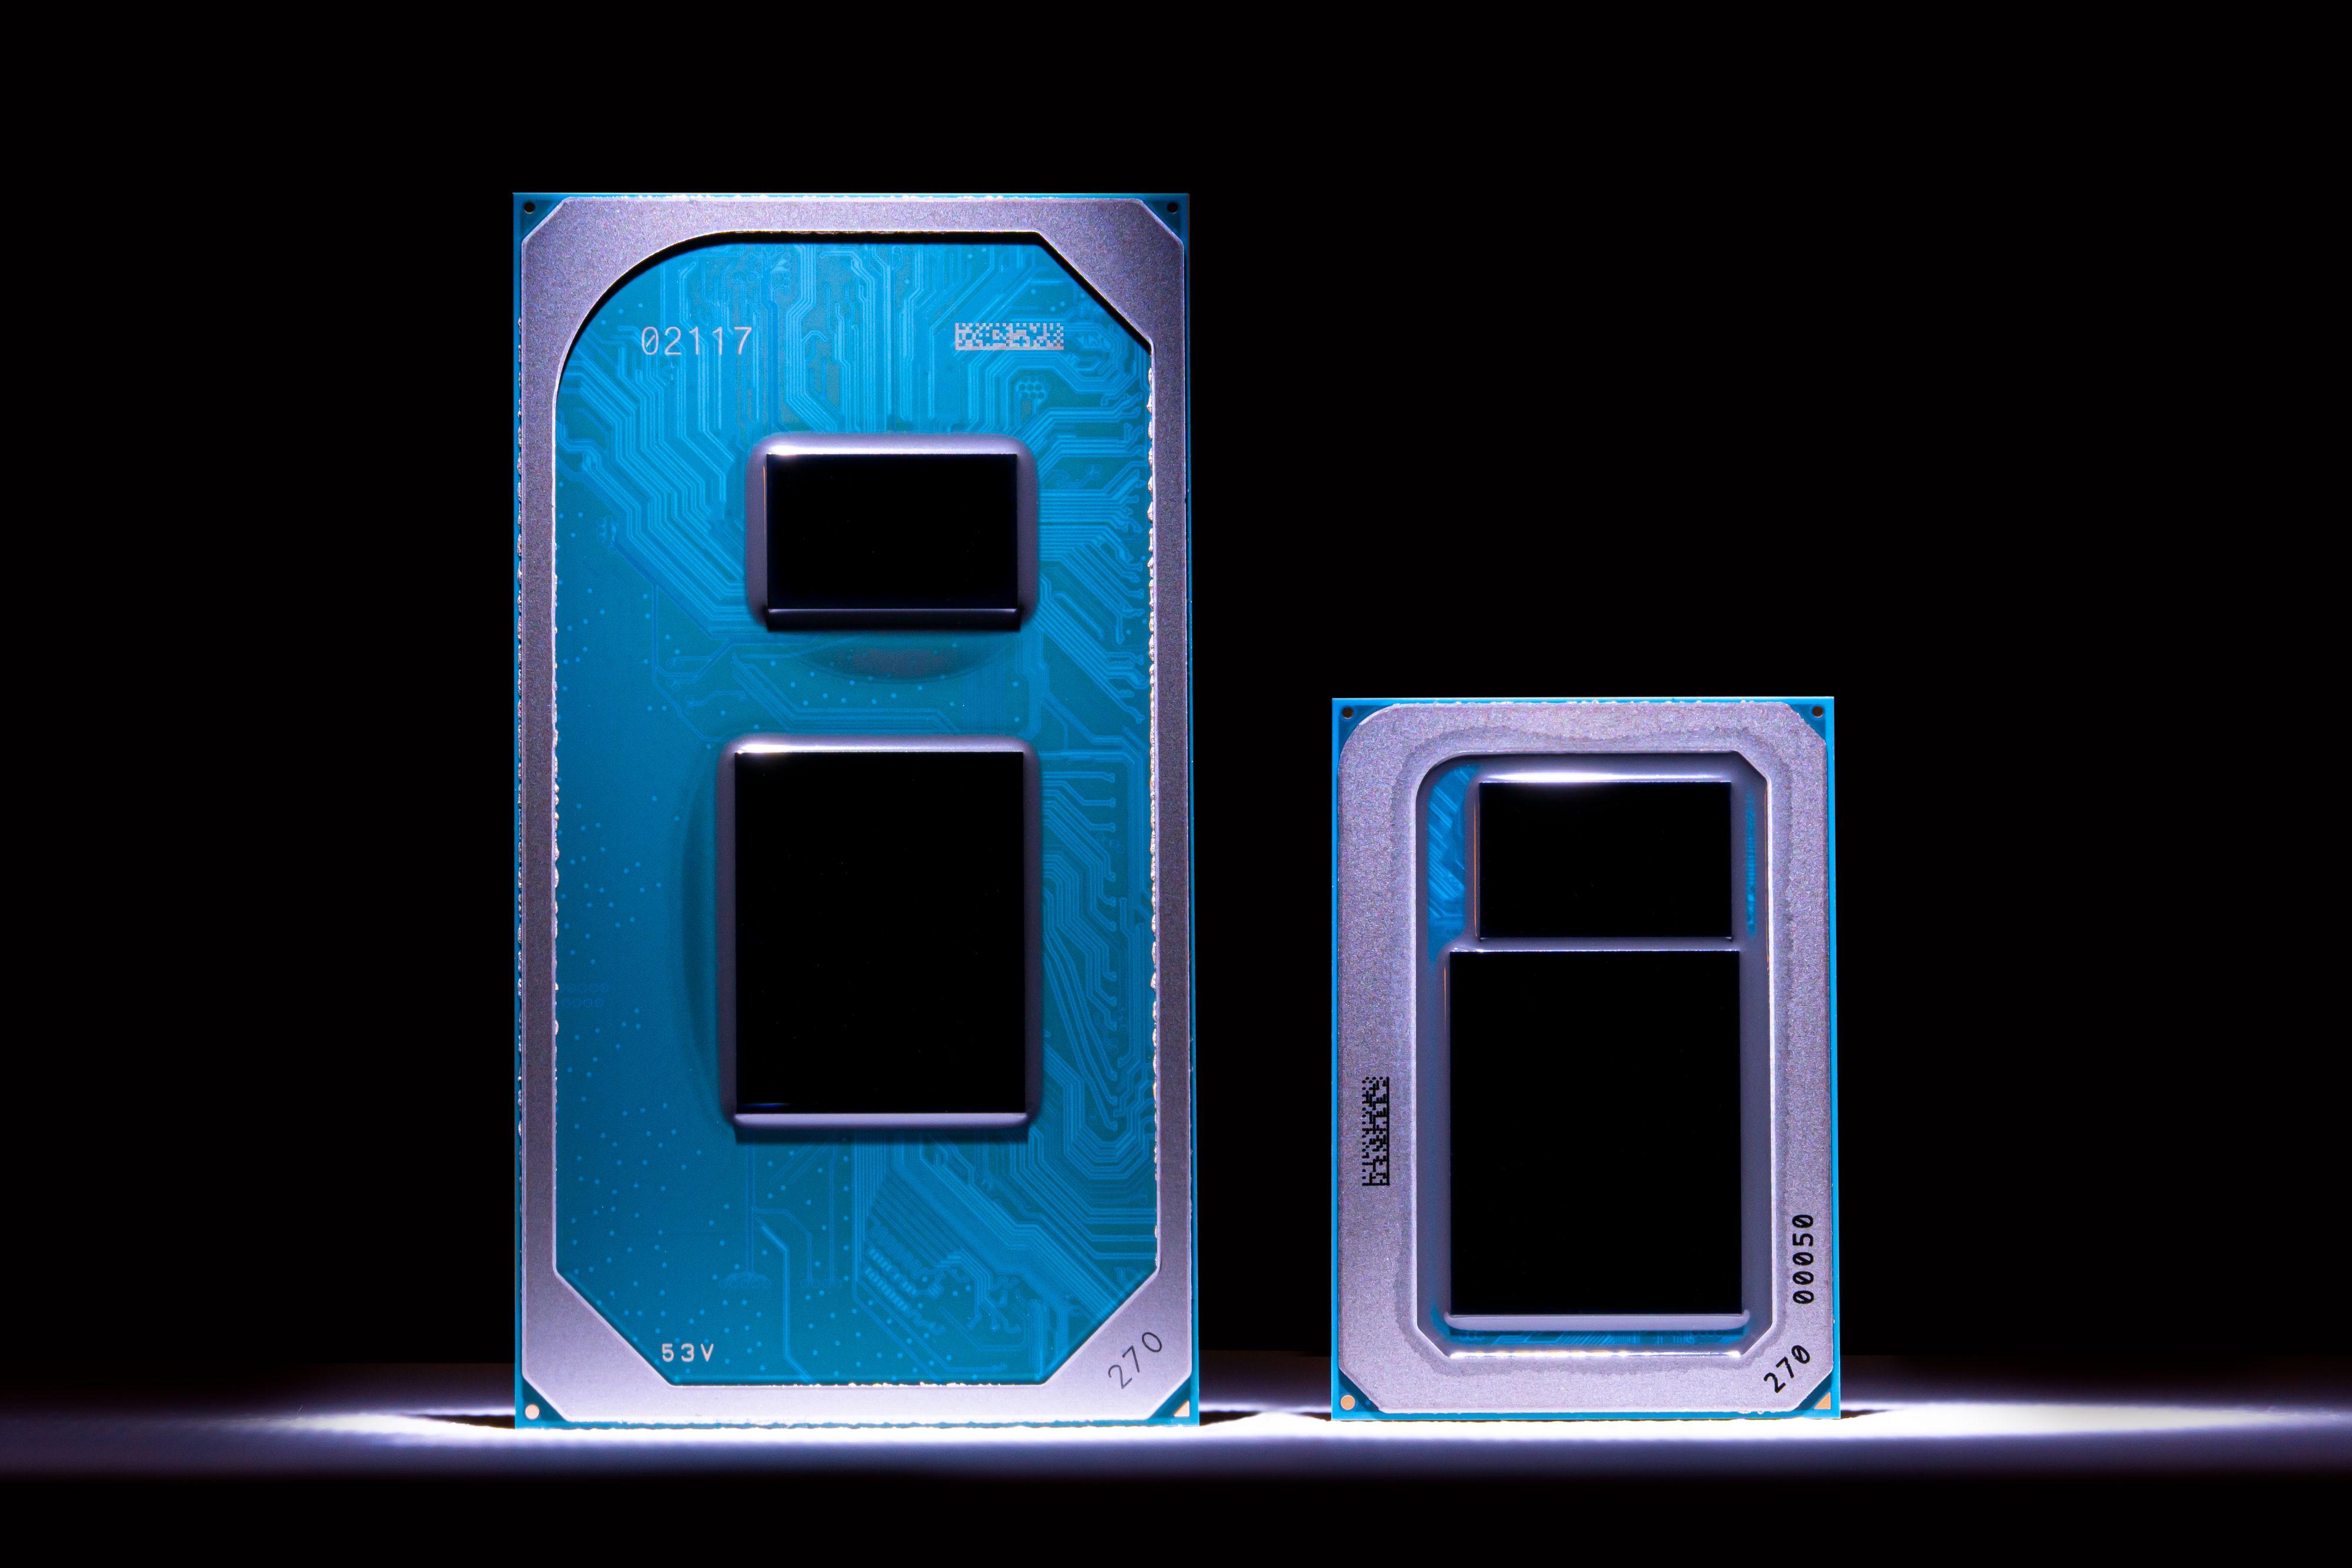 Intels Tiger Lake-prosessorer kommer i to innpakninger - en for svært små og tynne maskiner og en for litt større. Nytt er blant annet betydelig høyere turbofrekvenser.